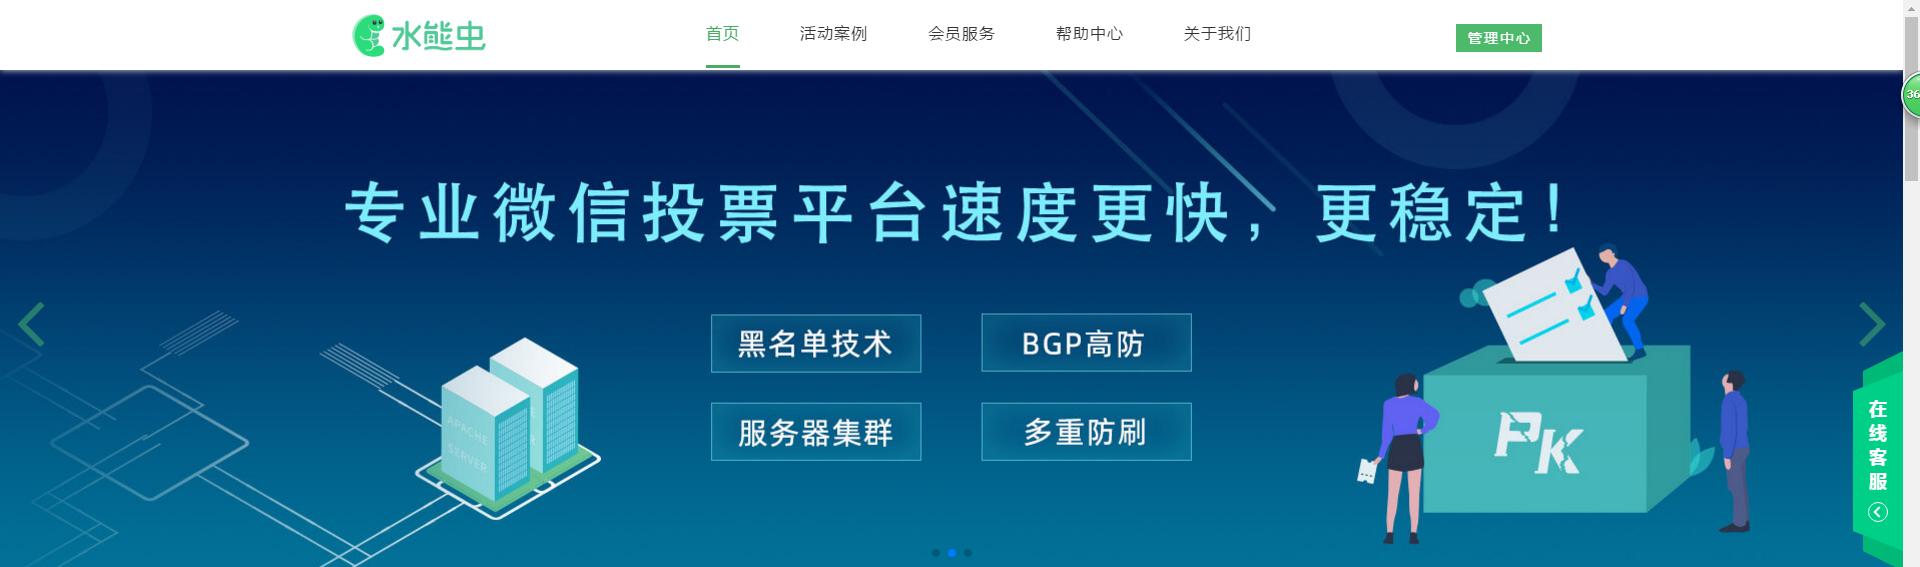 平台服务器.png